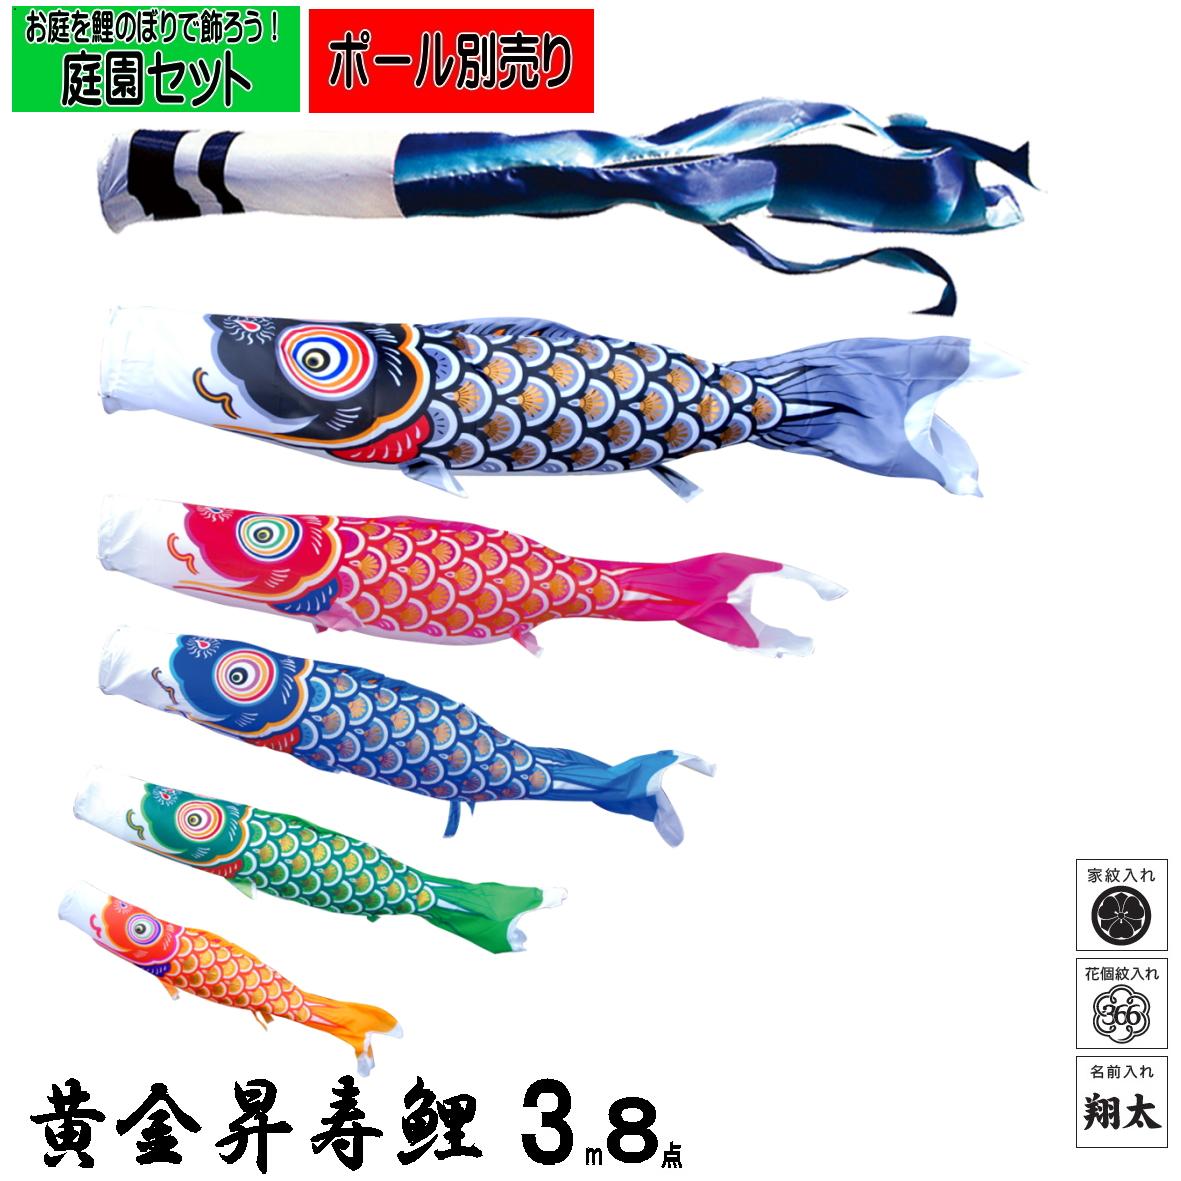 【子守唄CDプレゼント】庭園用 こいのぼり黄金昇寿鯉 3m8点セット鯉のぼり 鯉幟